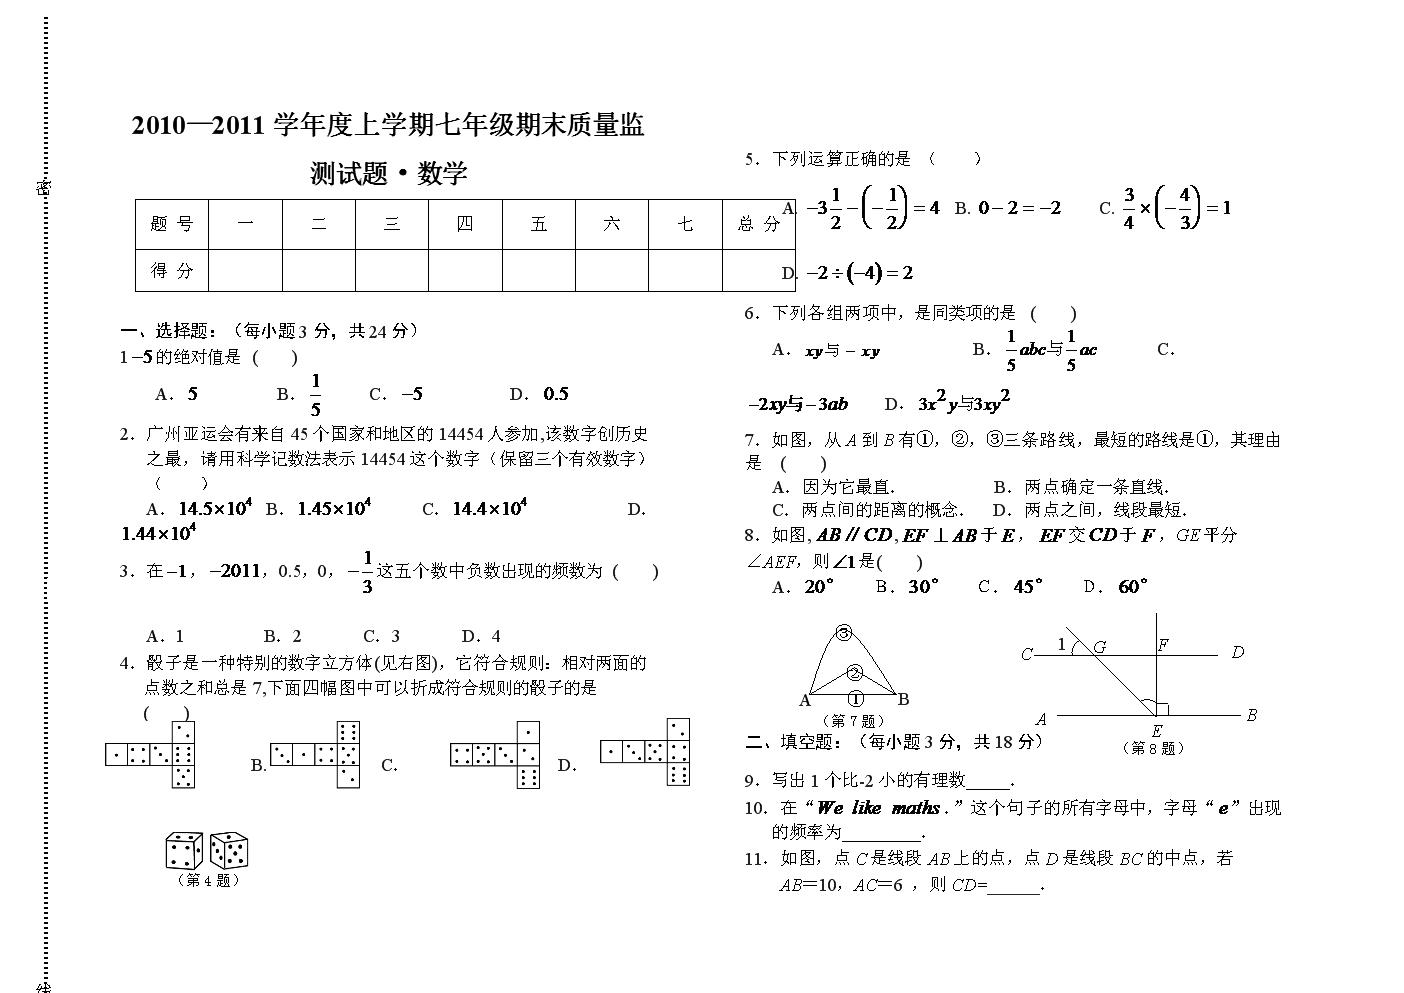 华东师大版七年级上册数学期末质量监测试题.doc